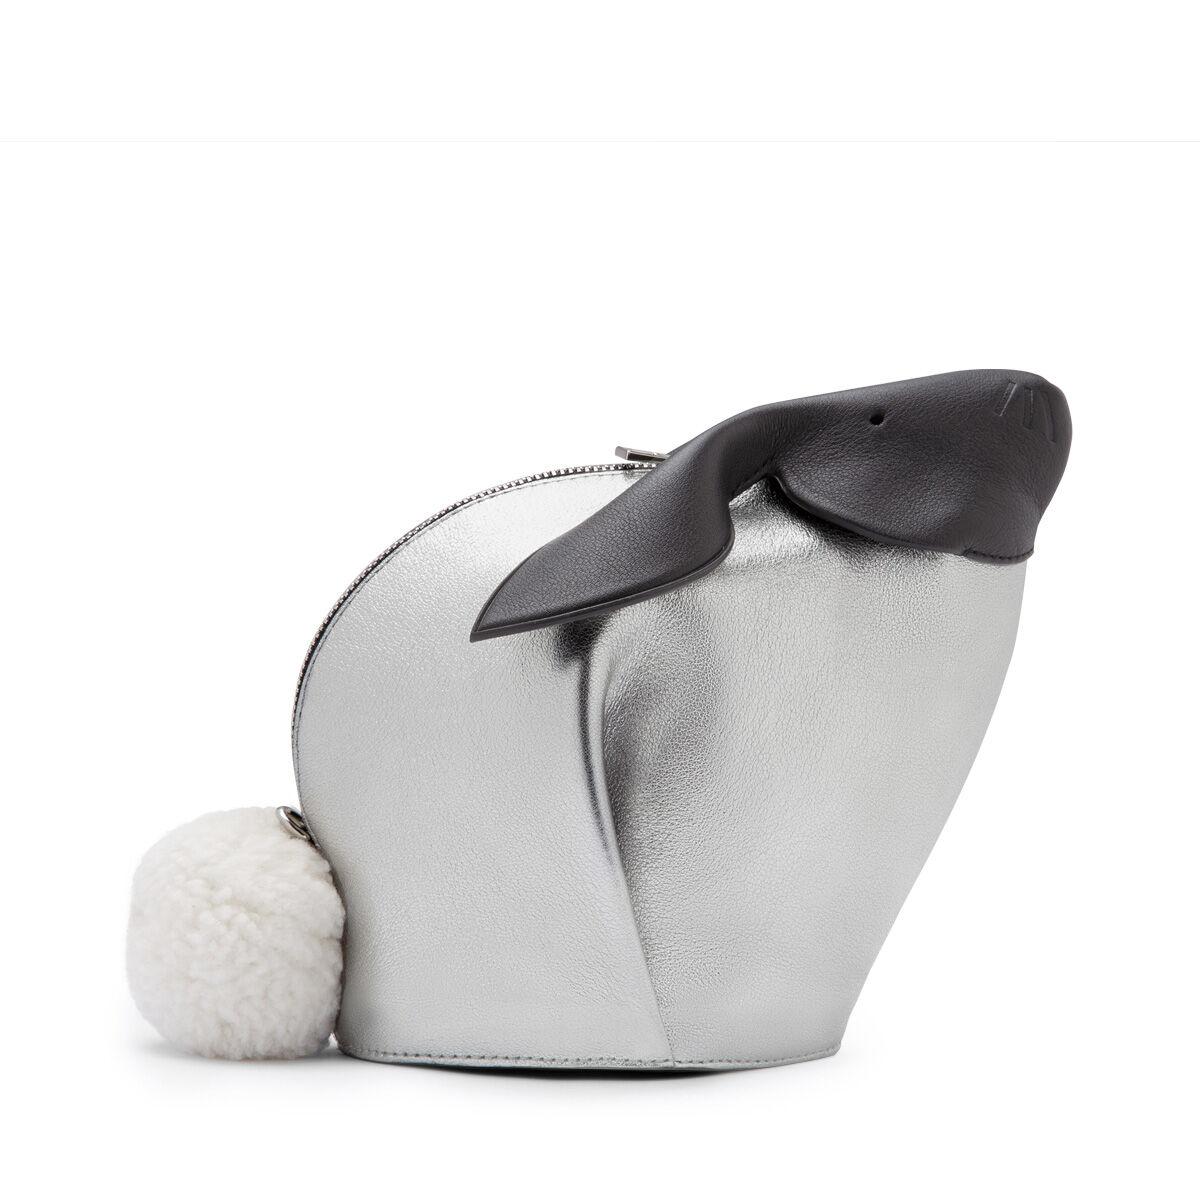 LOEWE バニーバイカラーミニバッグ White/Silver all